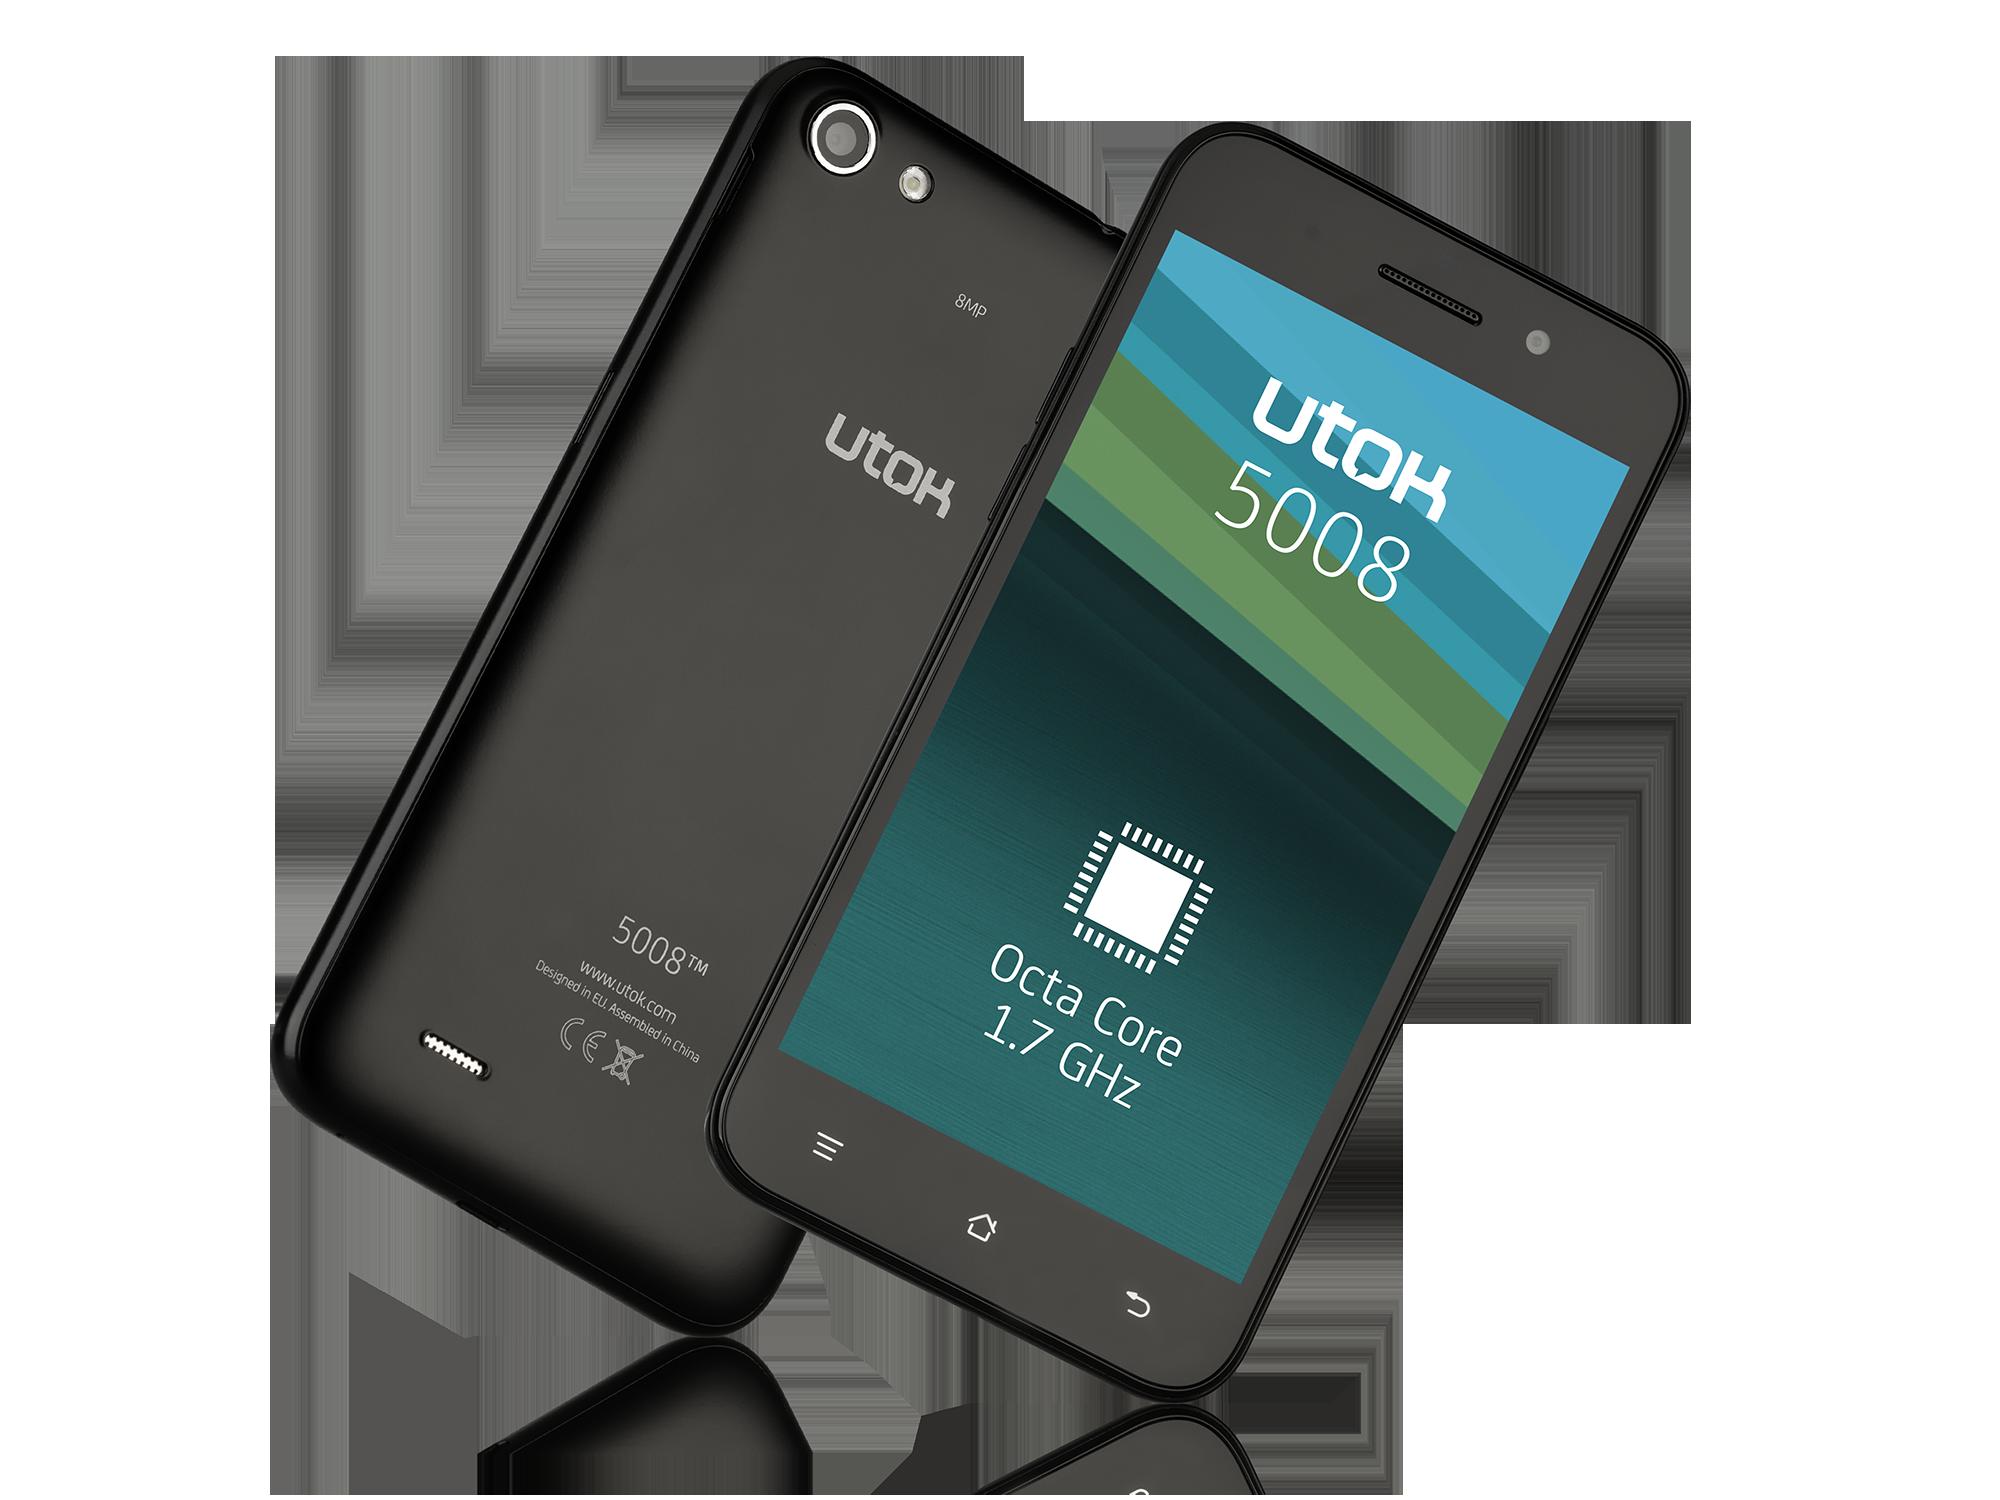 UTOK aduce un nou smartphone octa core în România